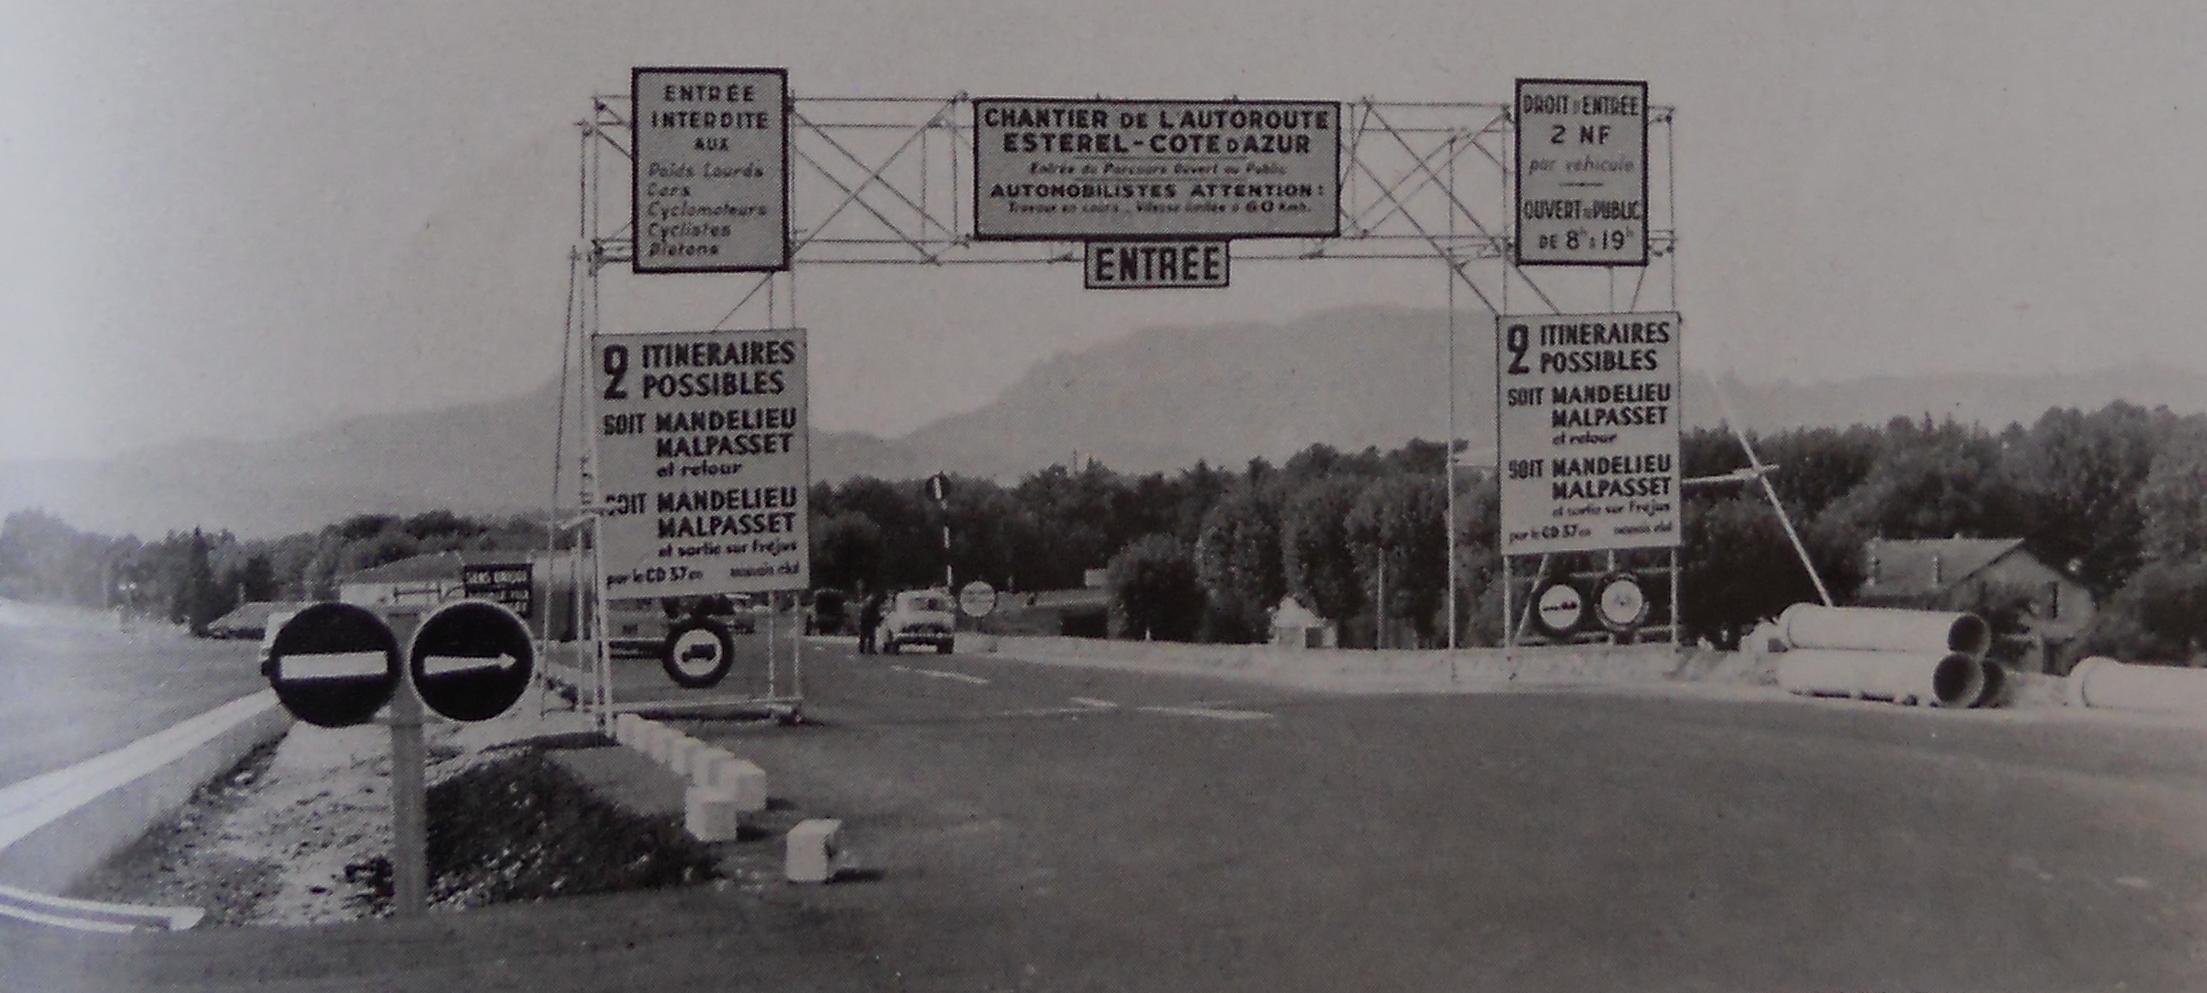 Autoroute française A8 (Historique)